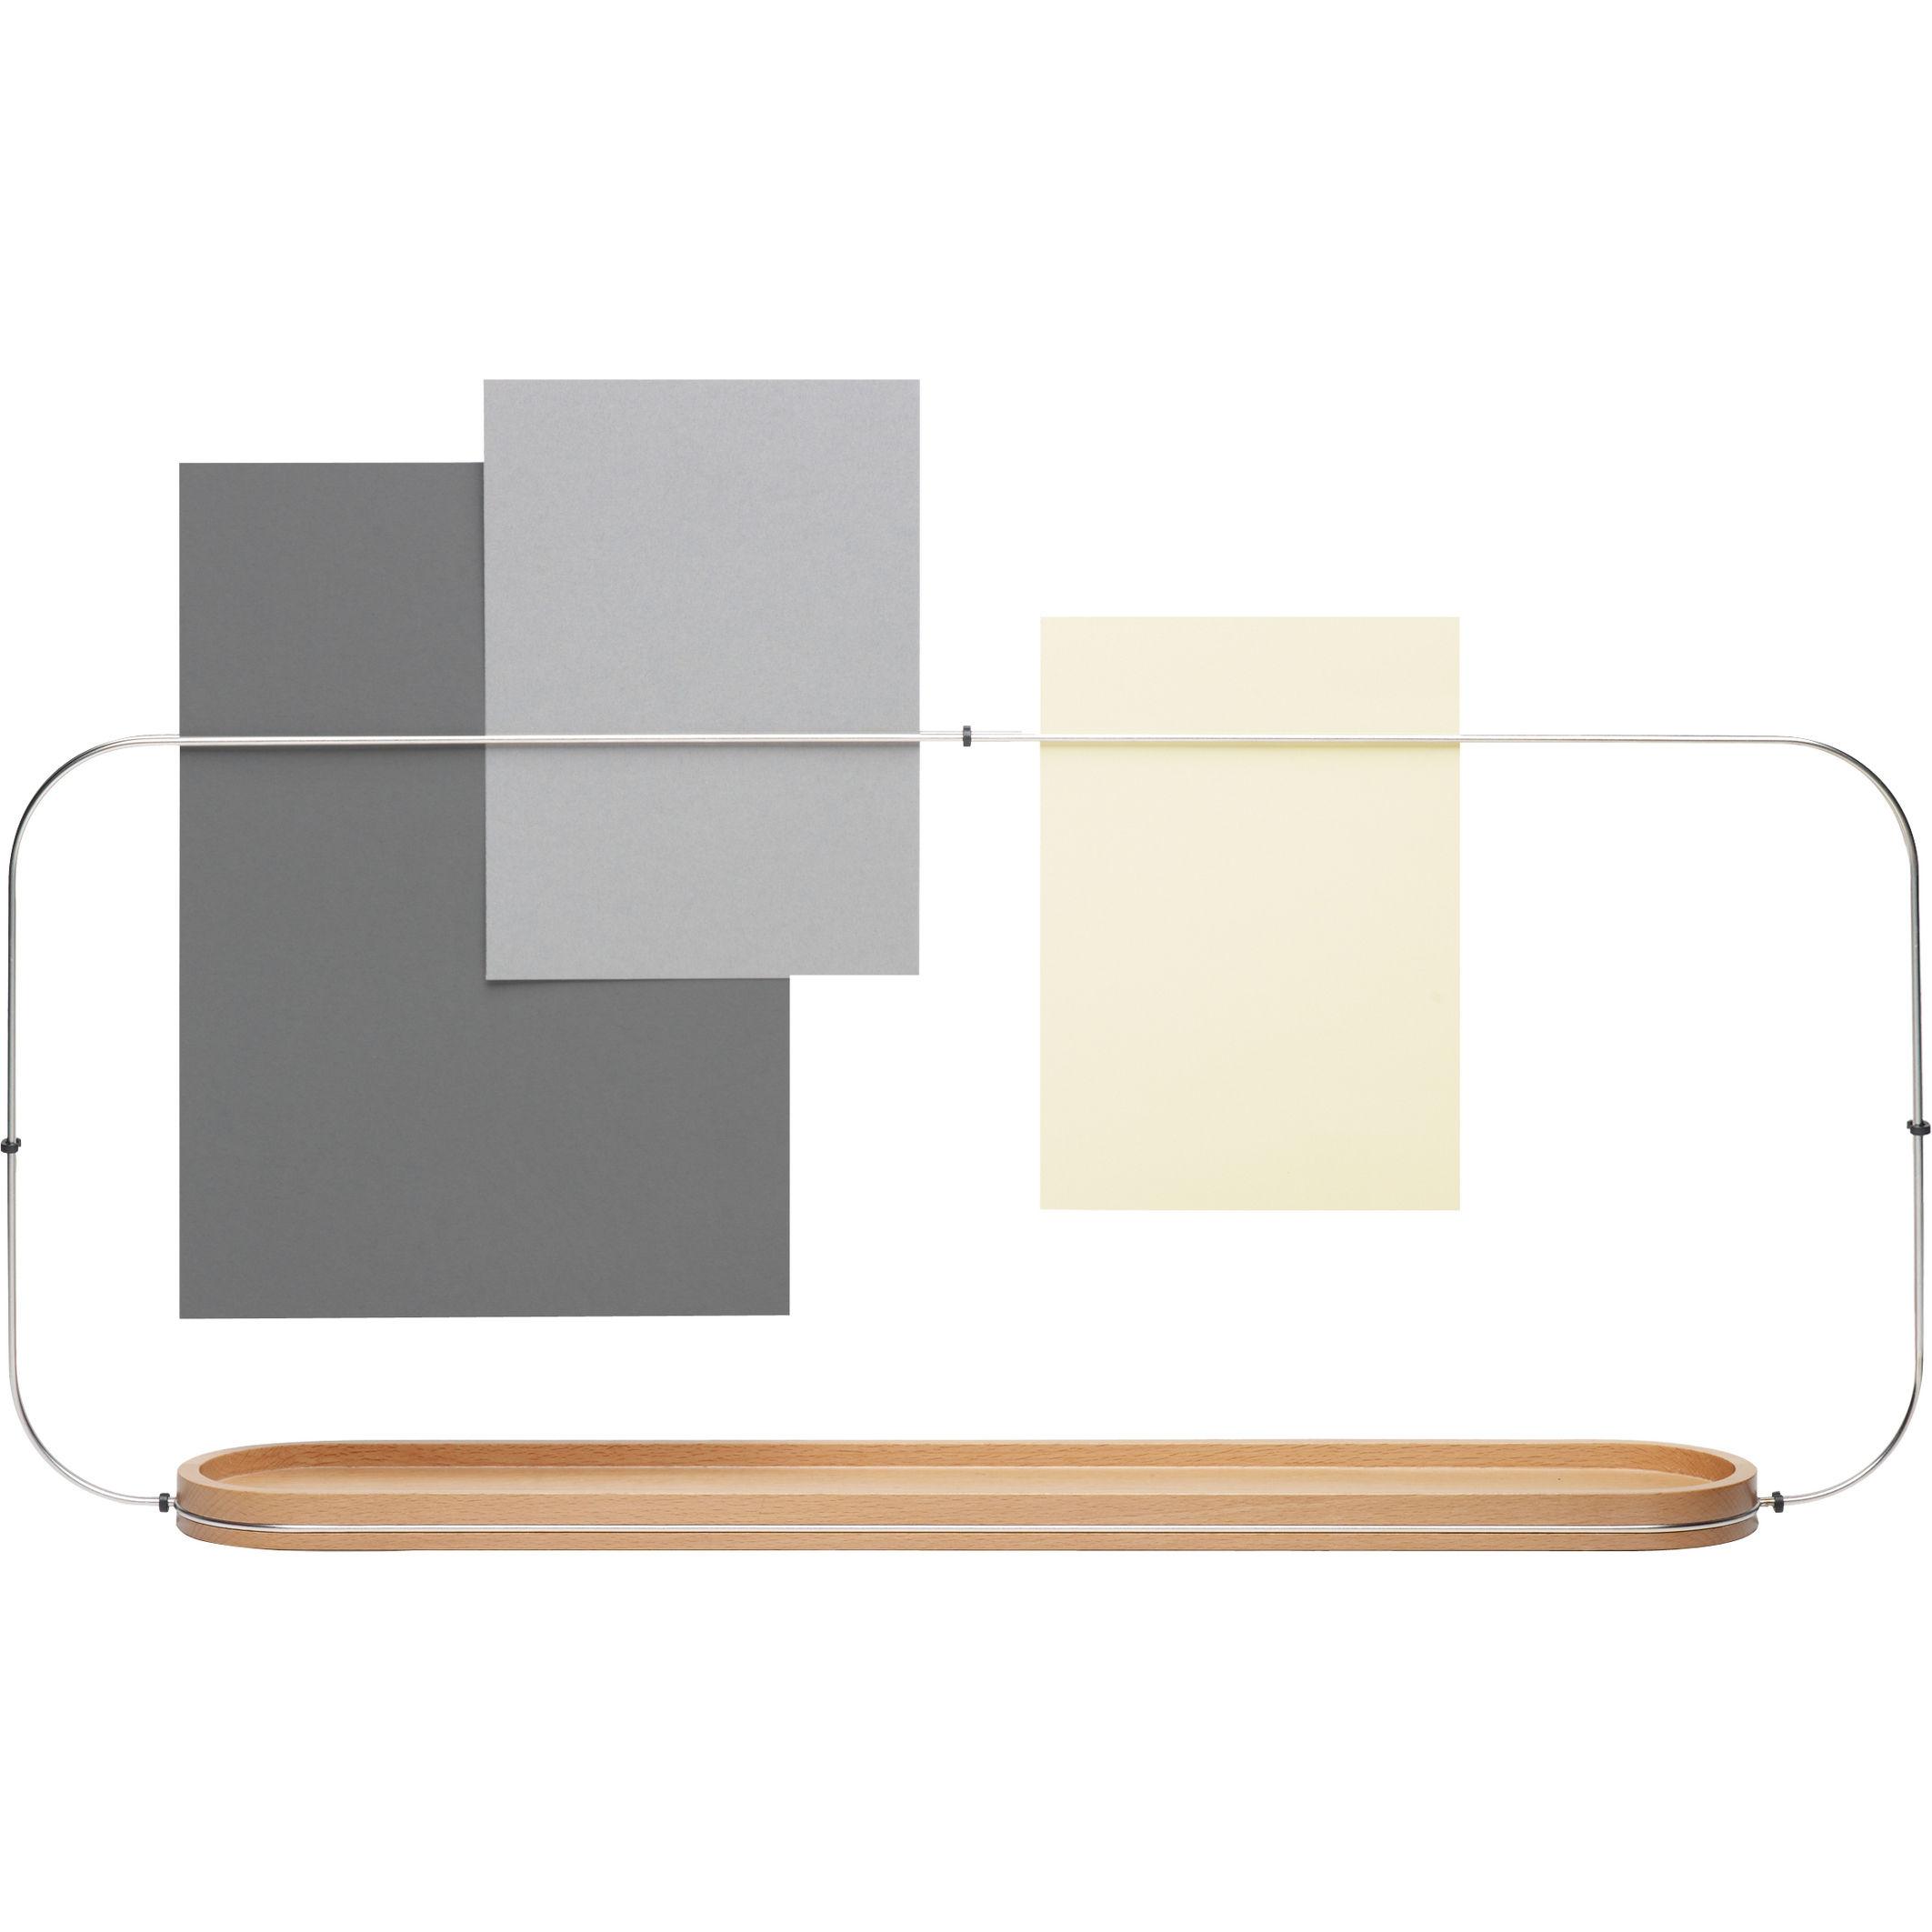 porte objets fierzo s parateur de bureau bois acier alessi. Black Bedroom Furniture Sets. Home Design Ideas